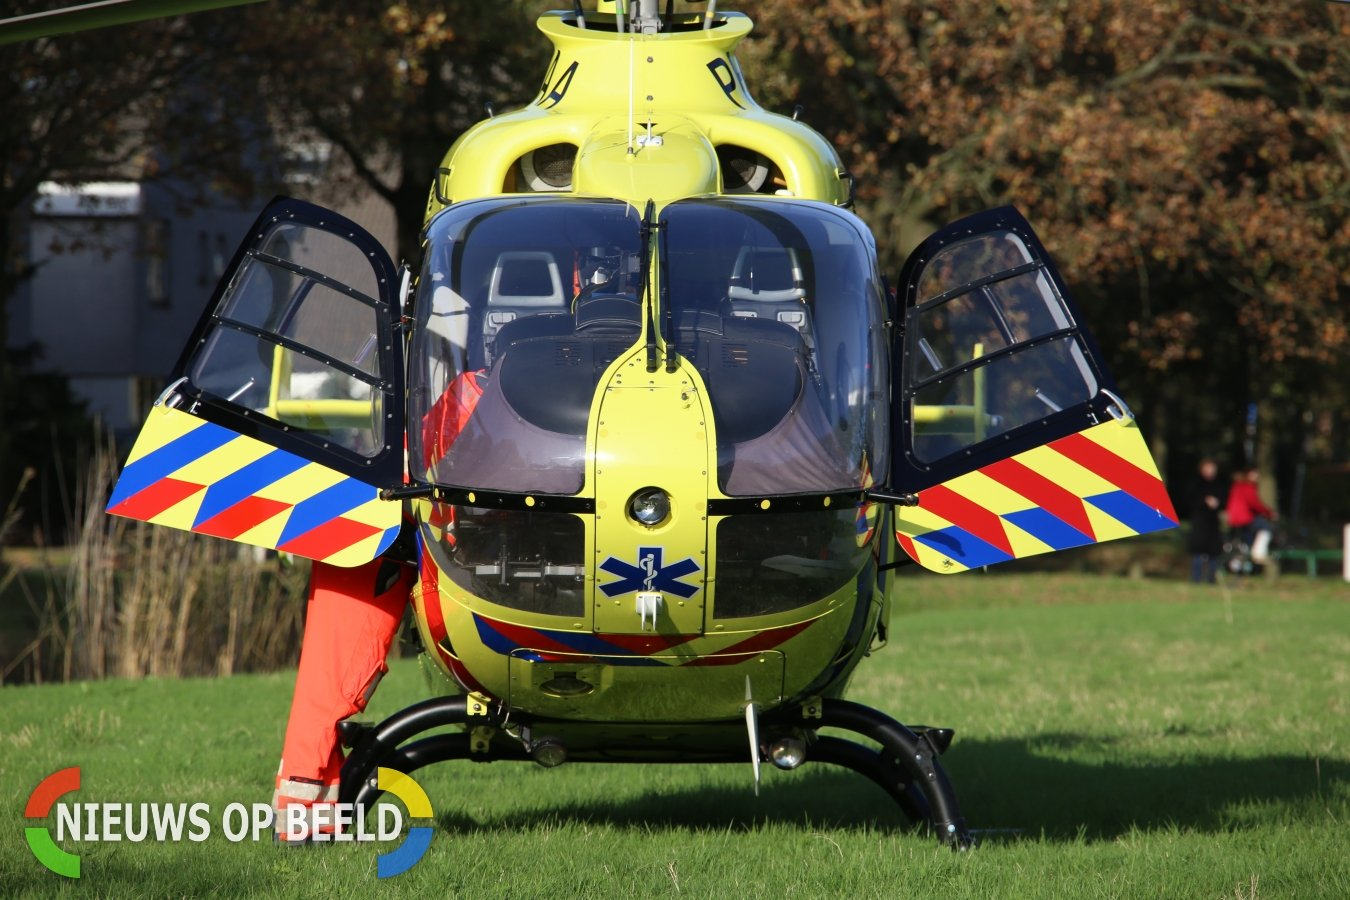 Dode en vijf gewonden bij ernstig ongeval